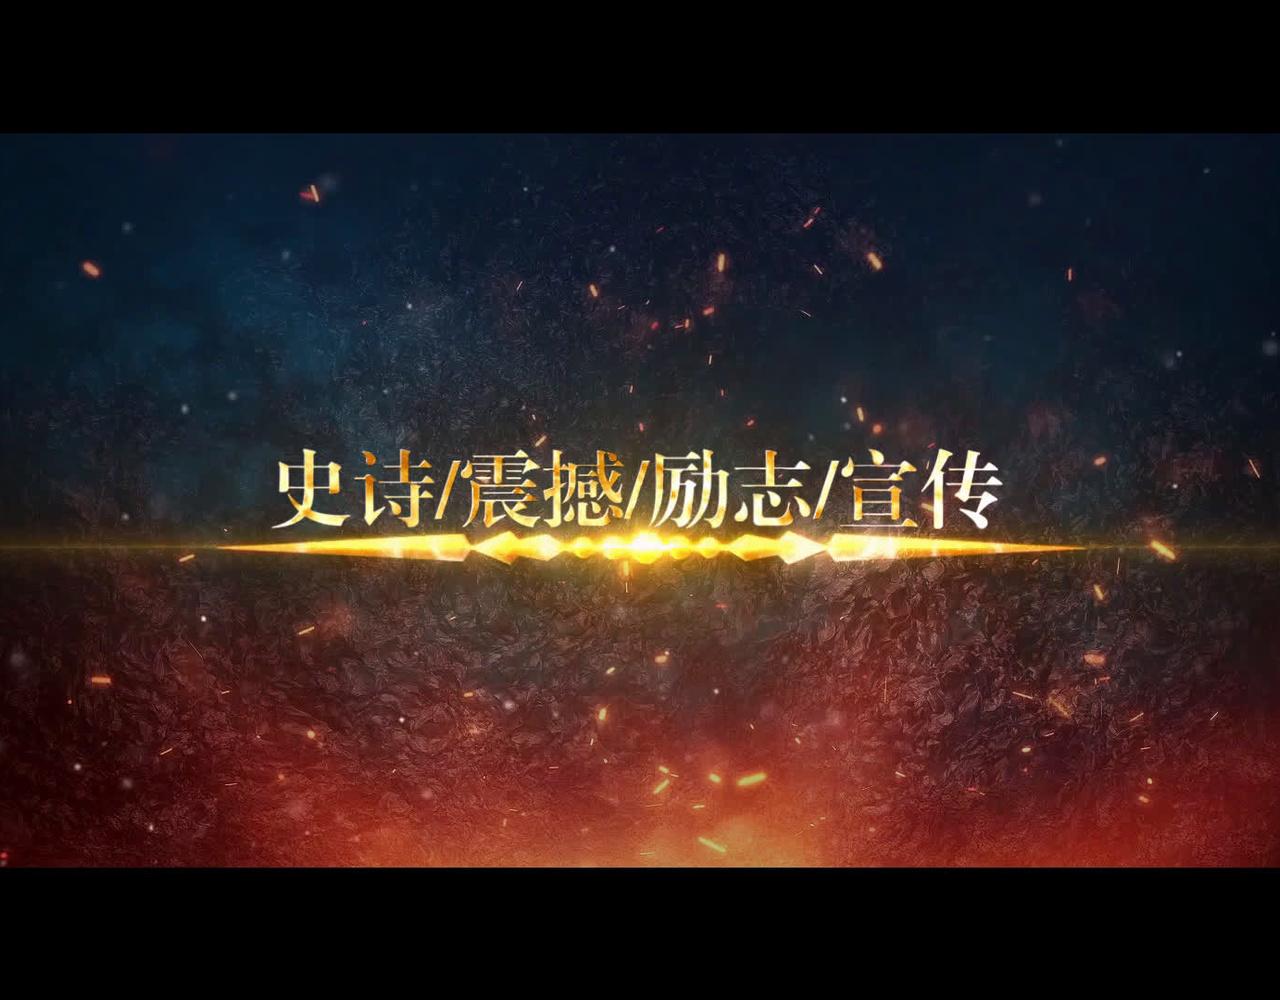 【醉清风制作】会声会影X8模板 史诗级视频宣传片头6